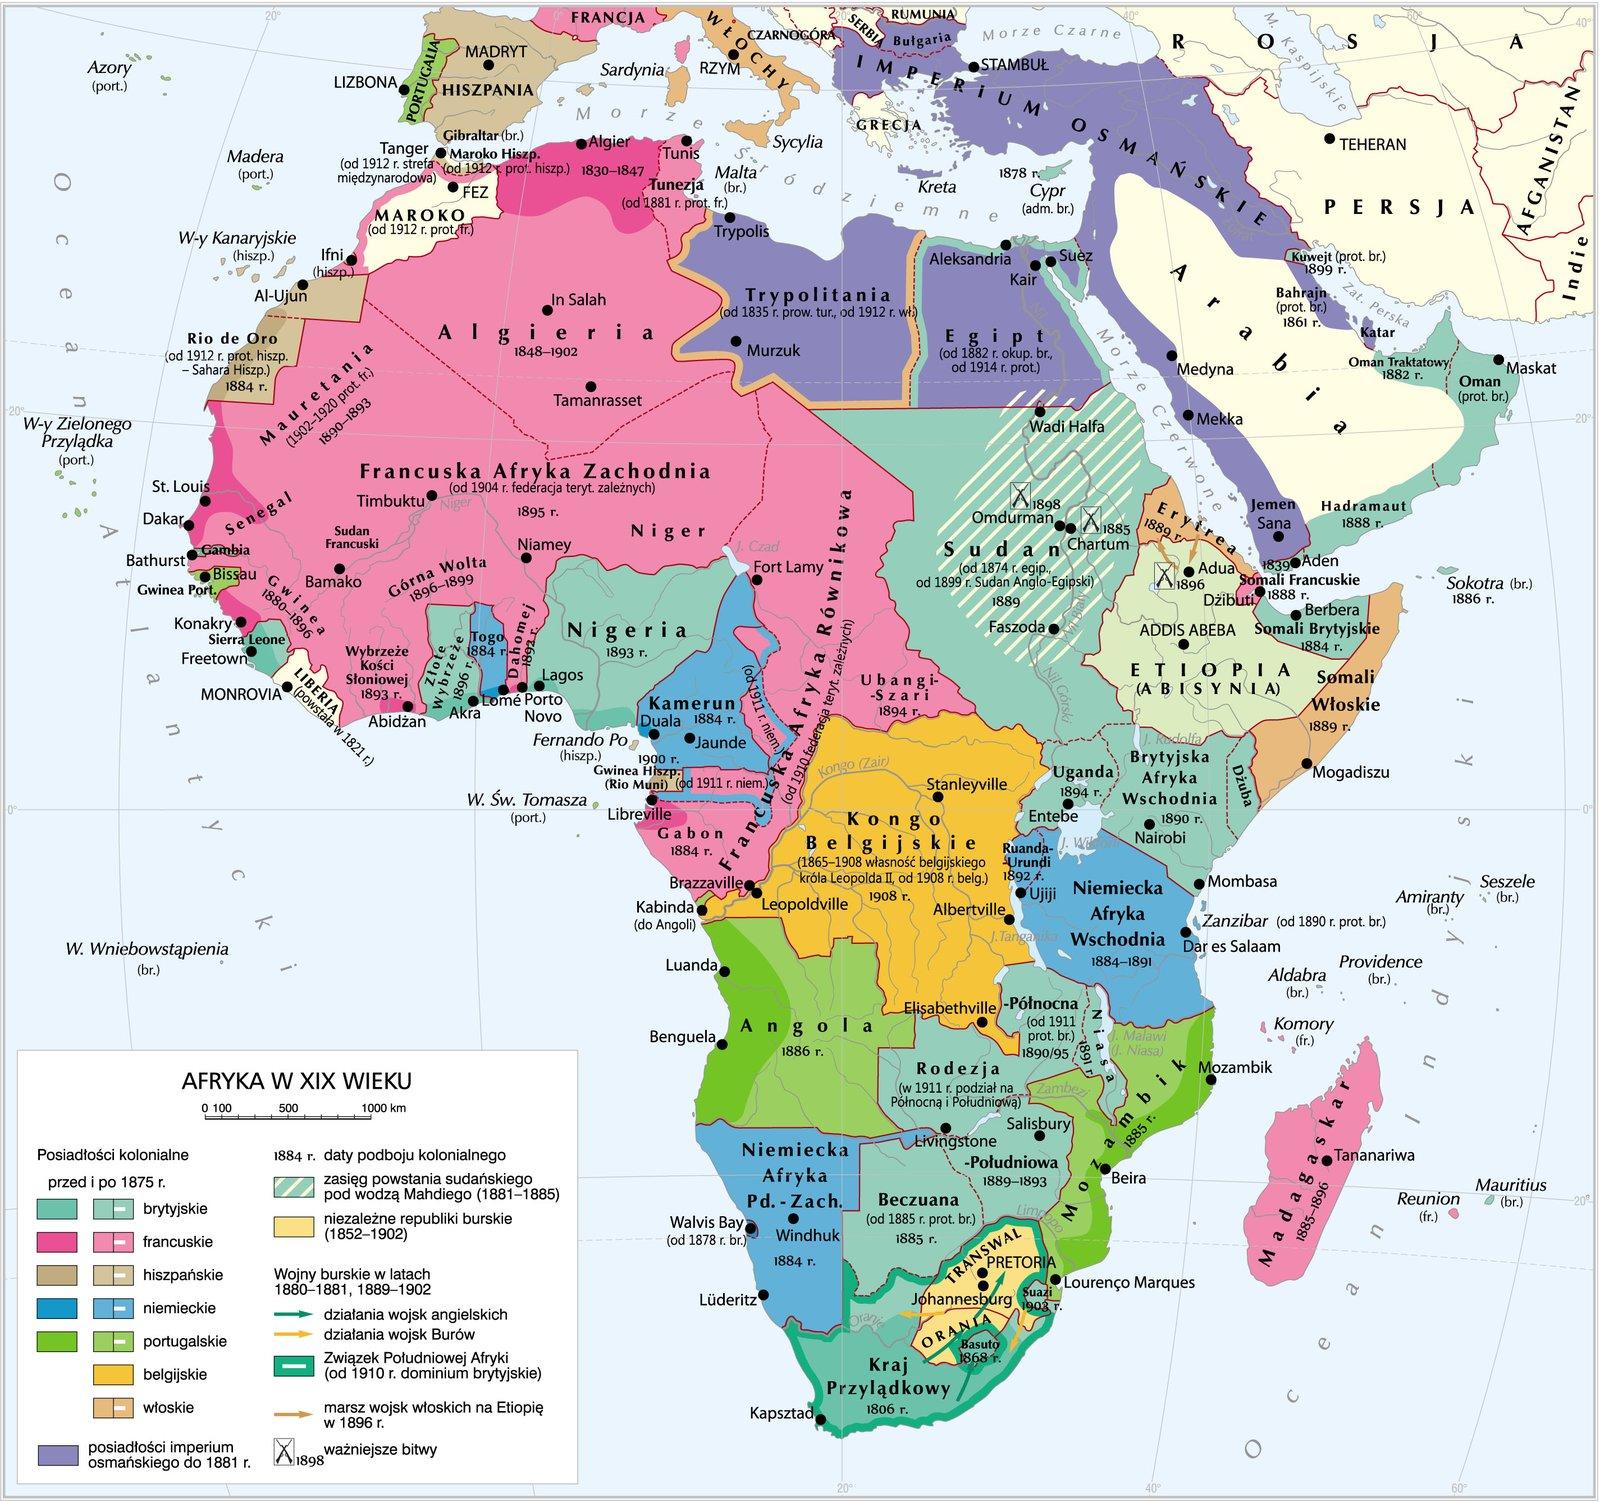 Afryka wXIX wieku Źródło: Krystian Chariza izespół, Afryka wXIX wieku, licencja: CC BY 3.0.